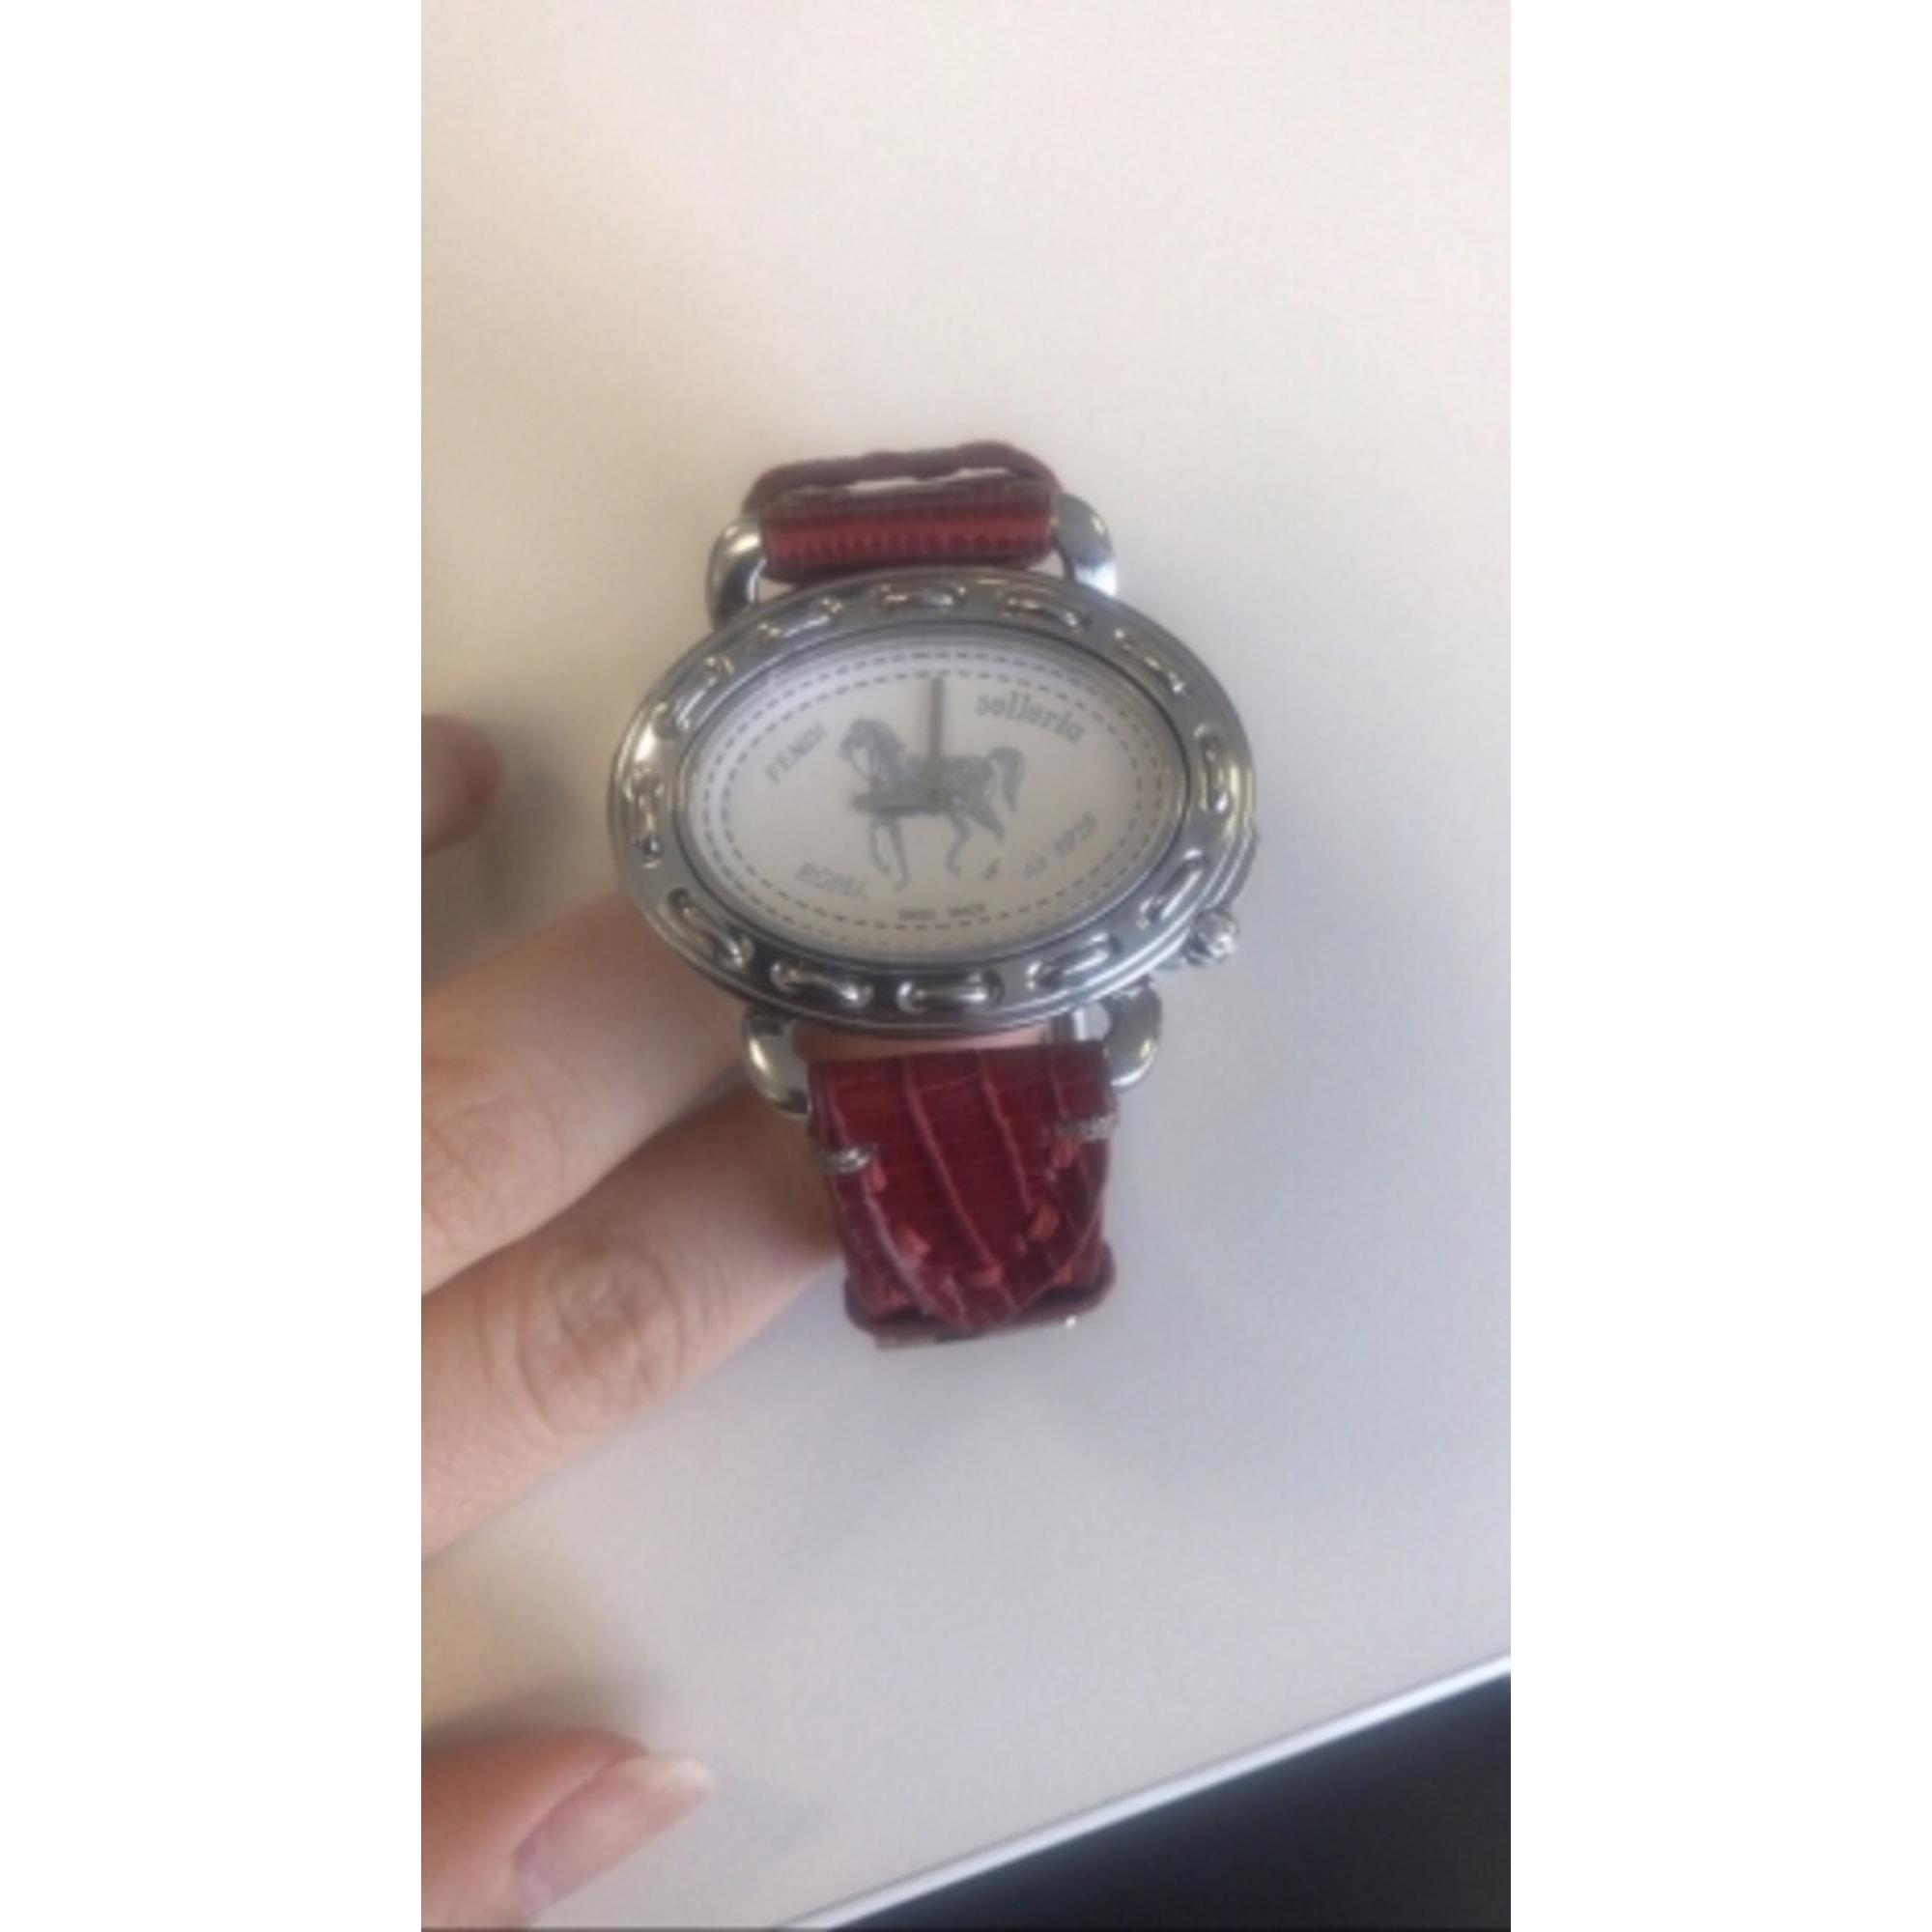 Montre au poignet FENDI rouge - 7343517 be305de0a32